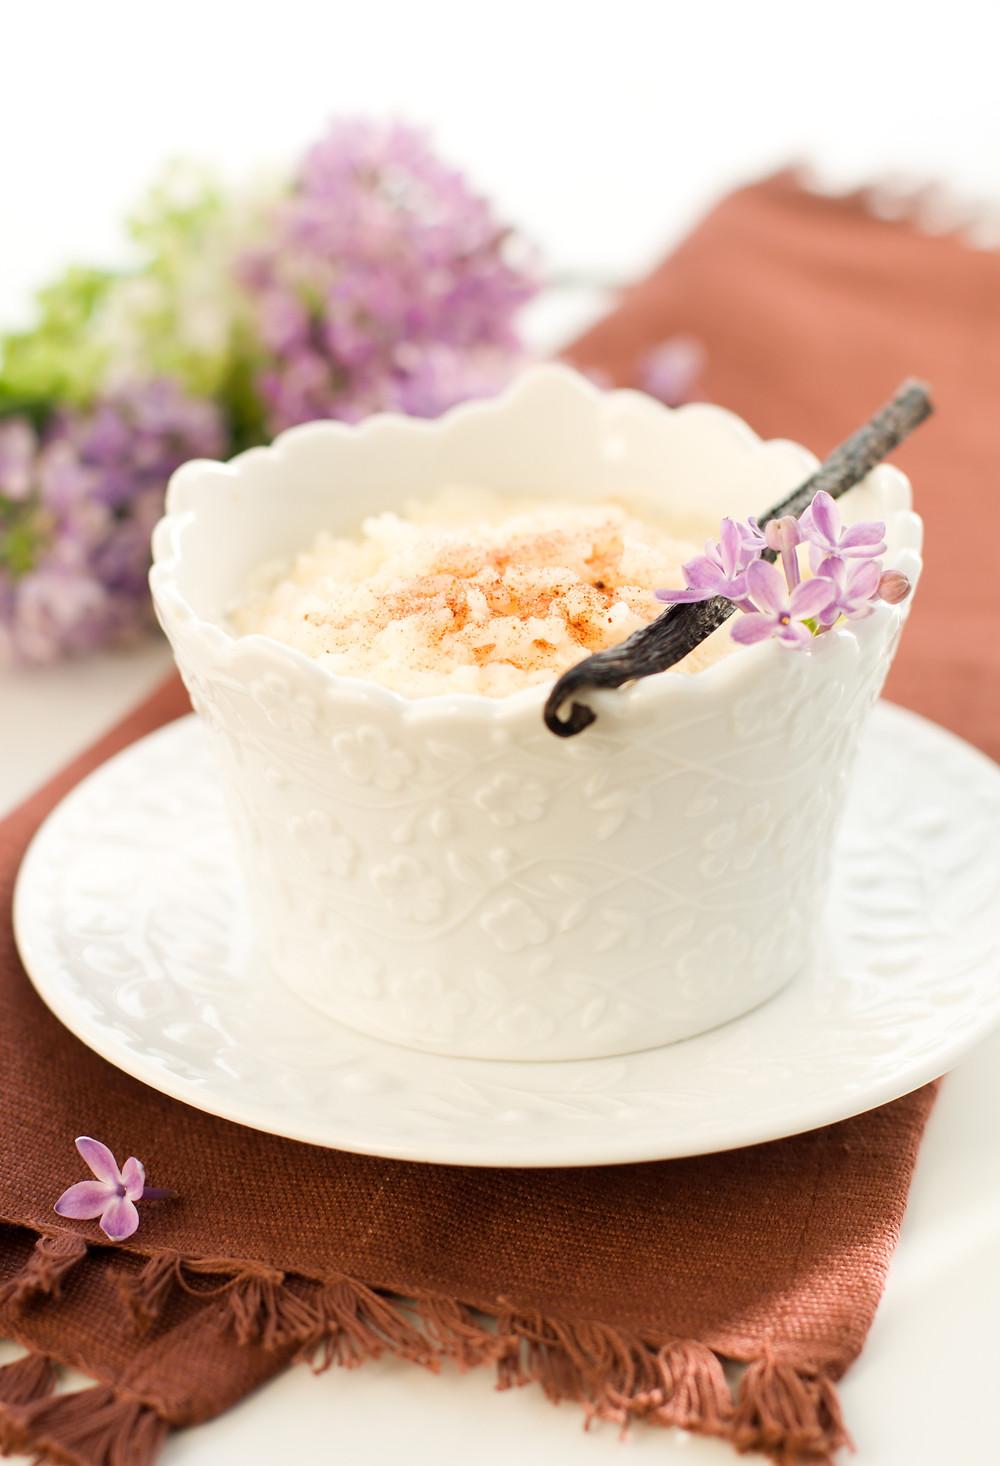 Arroz doce cremoso, perfeito para uma sobremesa. (Foto: Canstock)